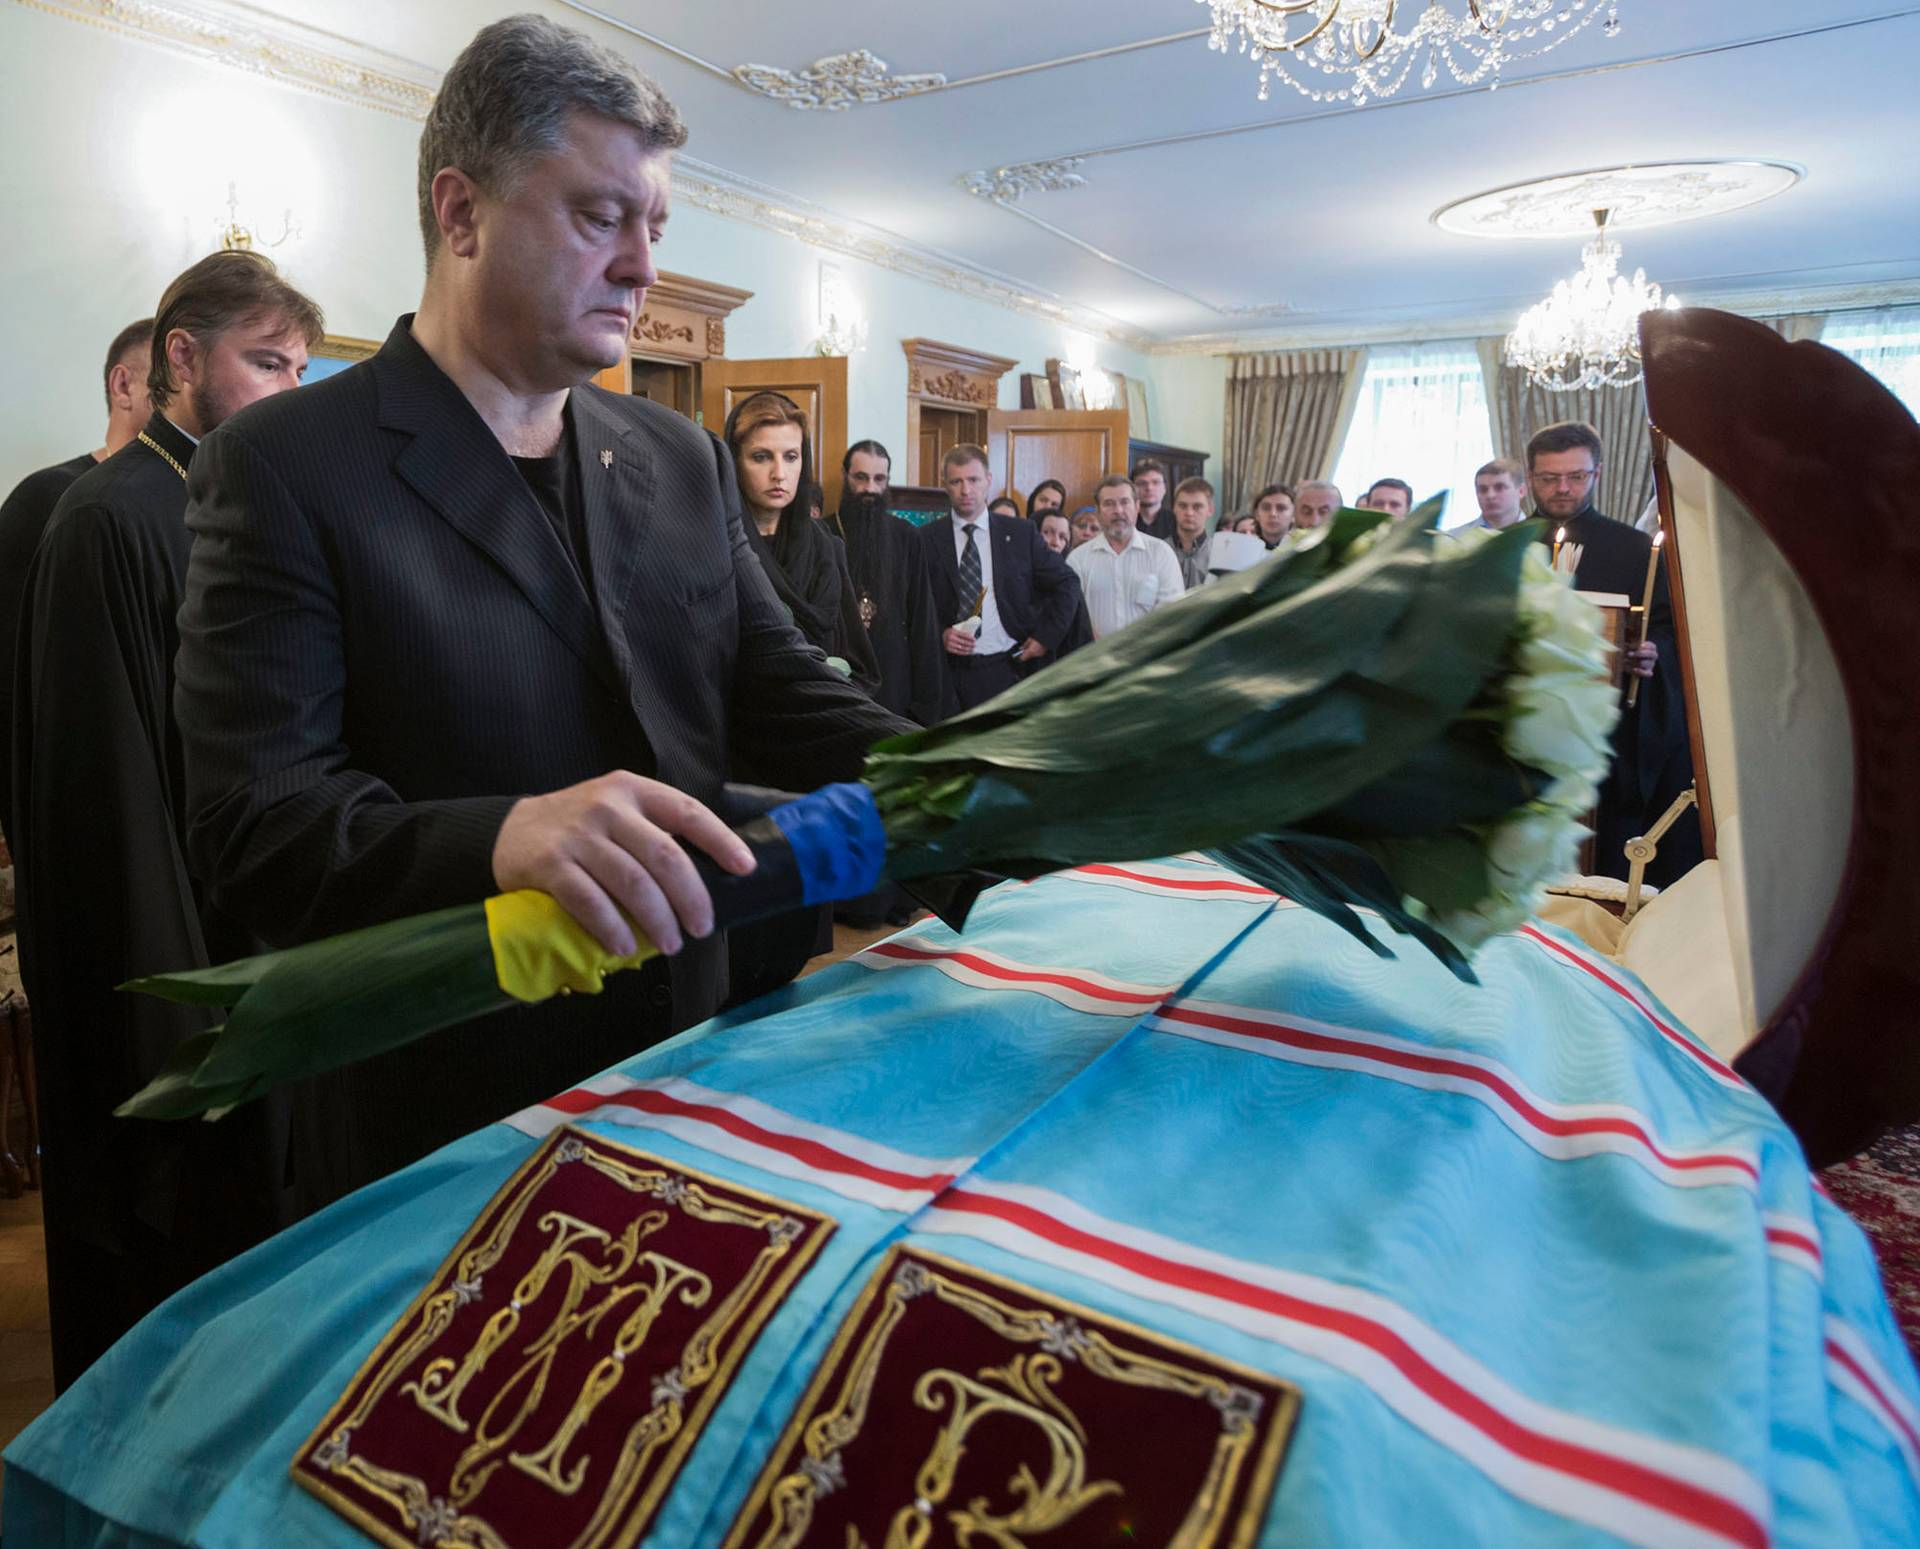 Петро Порошенко під час церемонії прощання із митрополитов УПЦ МП Володимиром (Сабоданом), 5 липня 2018 року